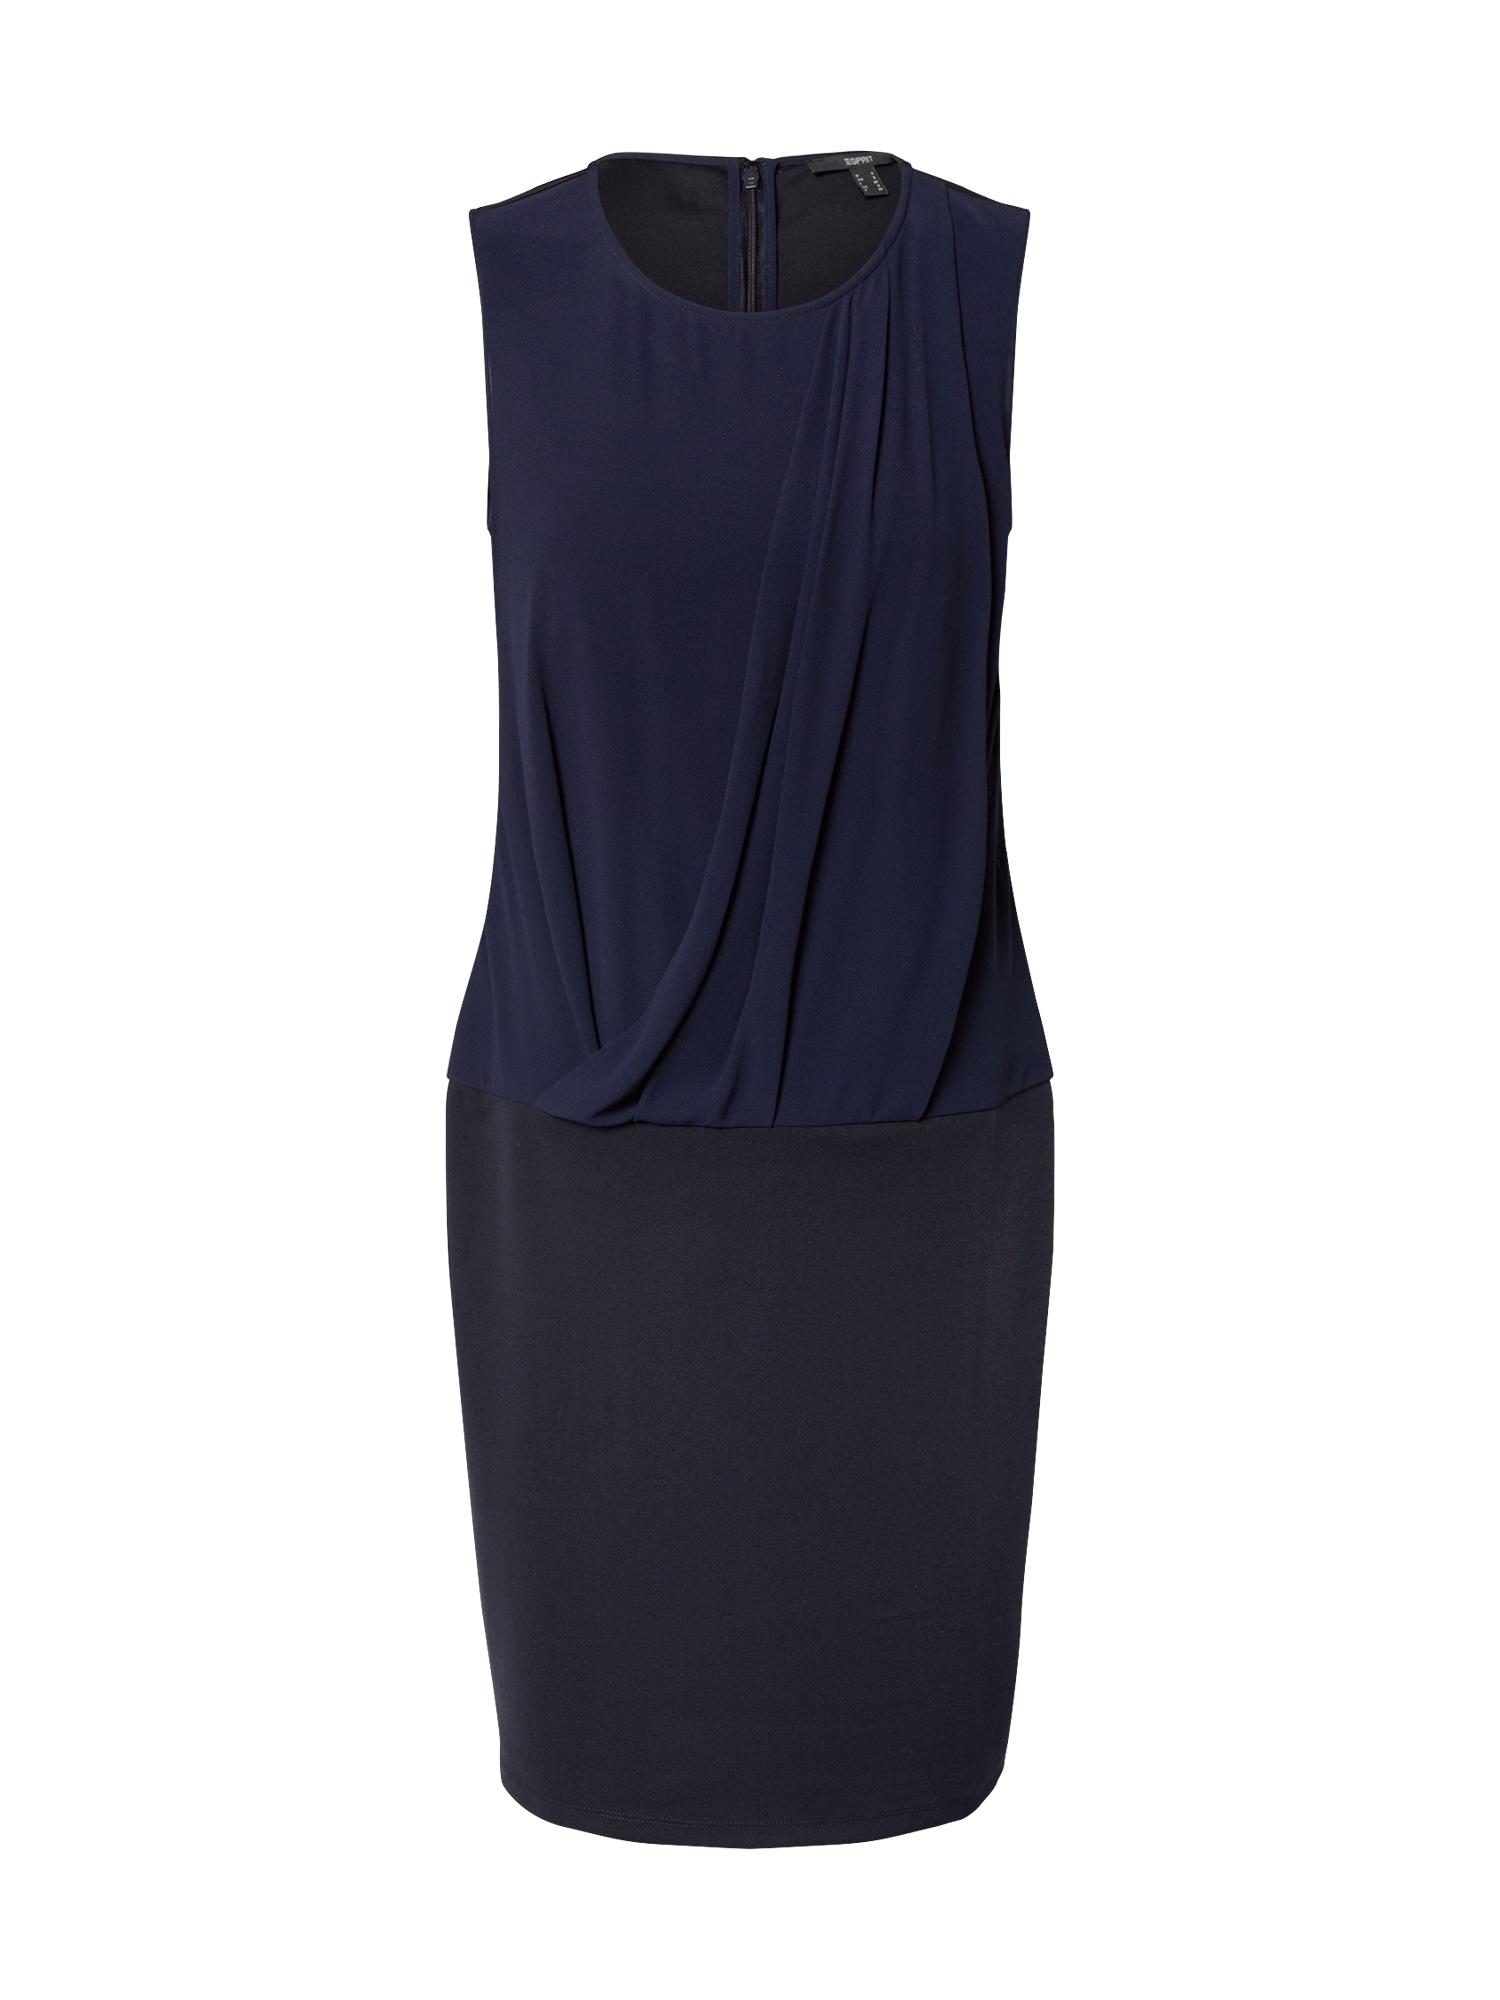 Esprit Collection Trumpa kokteilinė suknelė tamsiai mėlyna